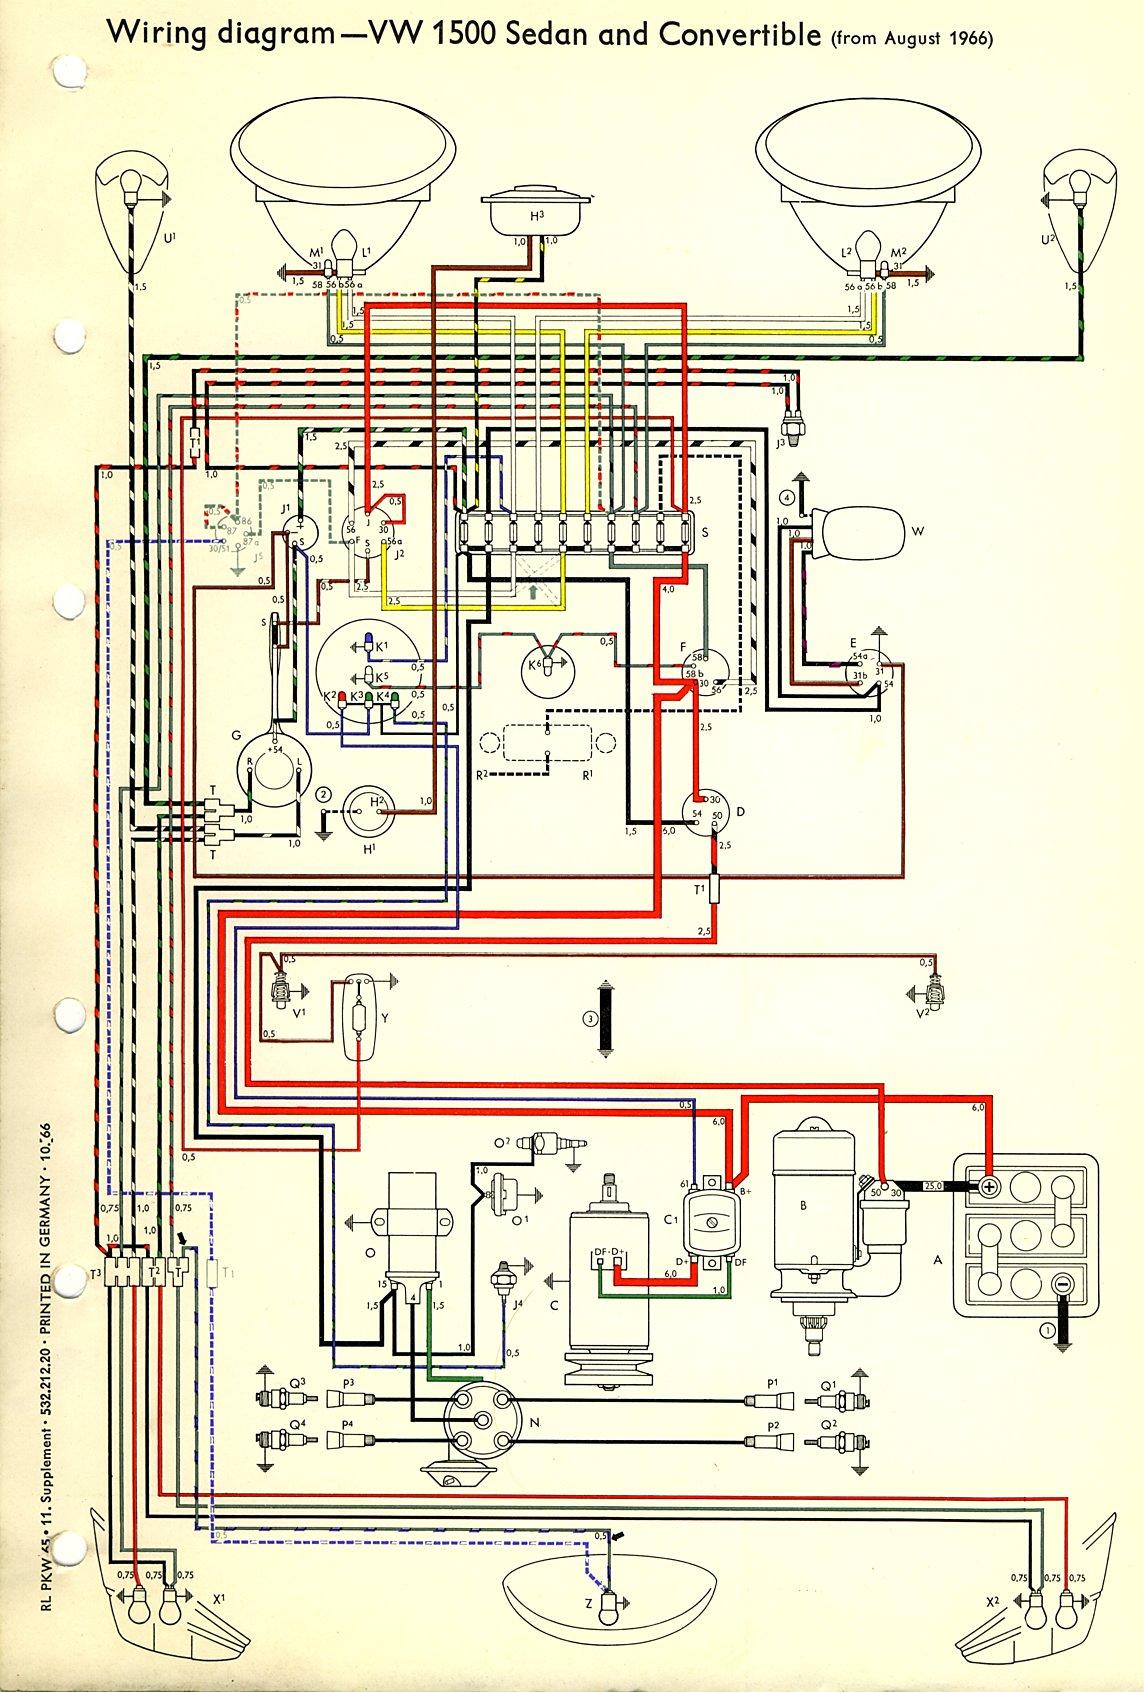 68 Vw Wiring Diagram Schematics Voltage Regulator Auto Electrical